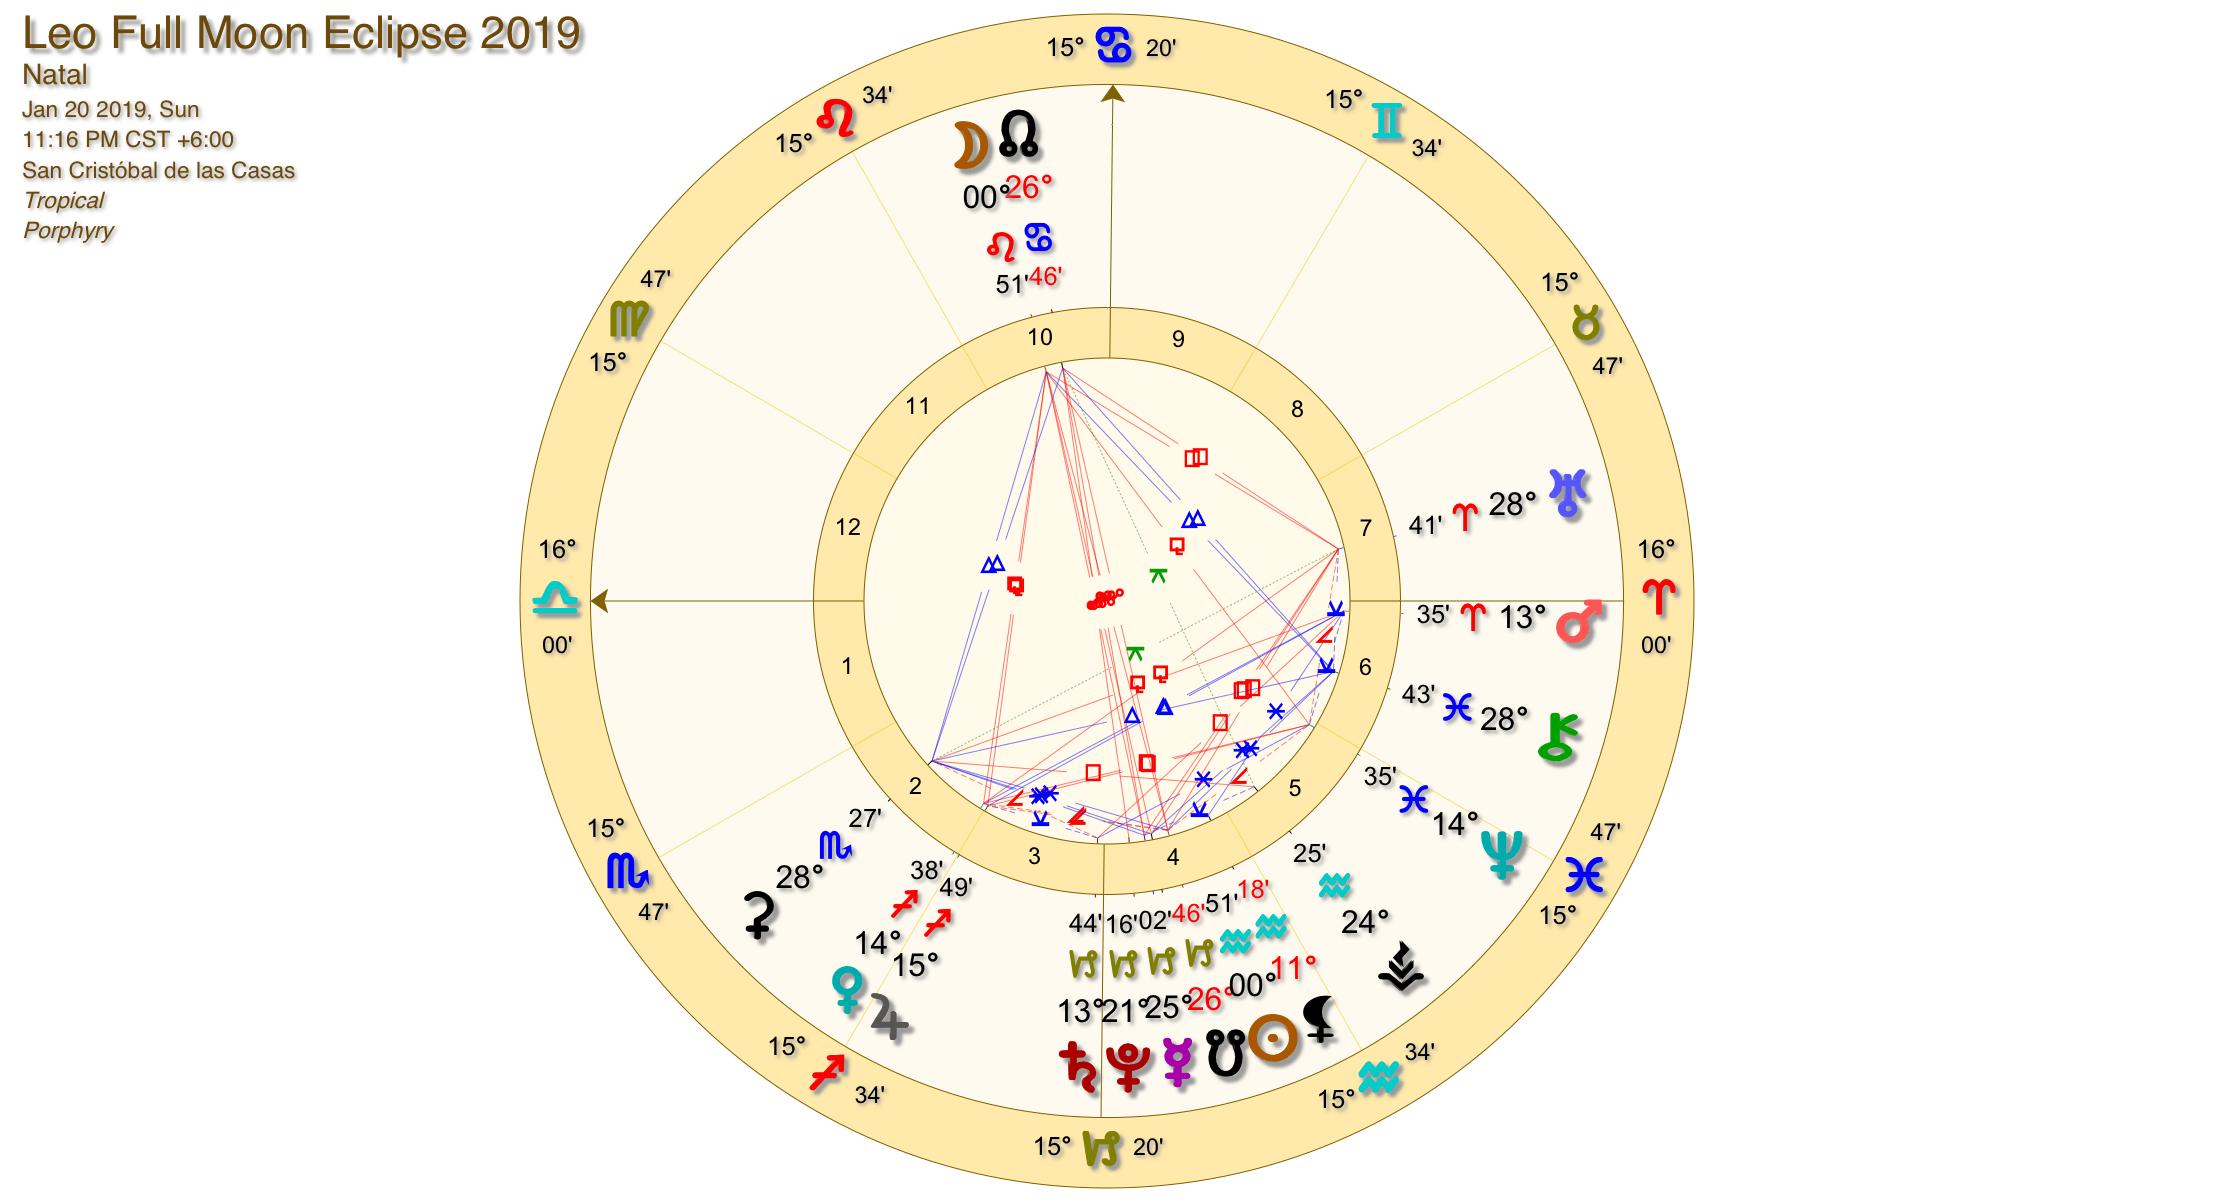 Leo Full Moon Eclipse Chart